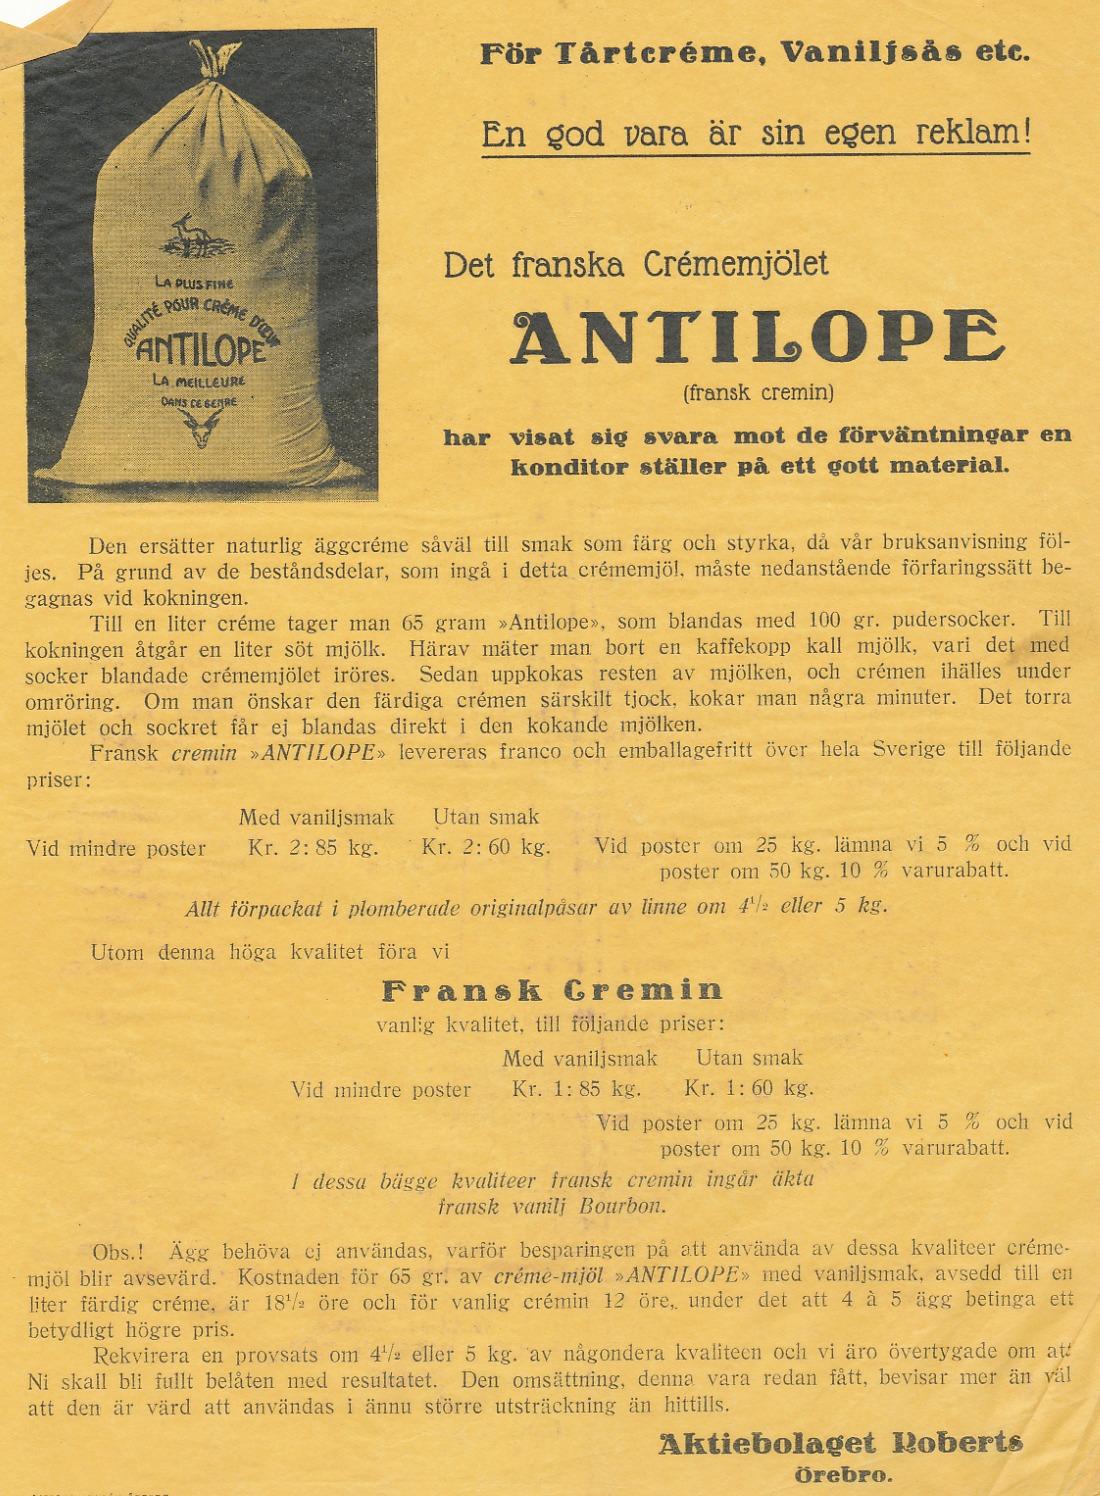 Ab Roberts erbjöd också andra produkter, till exempel Crémemjölet Antilop,